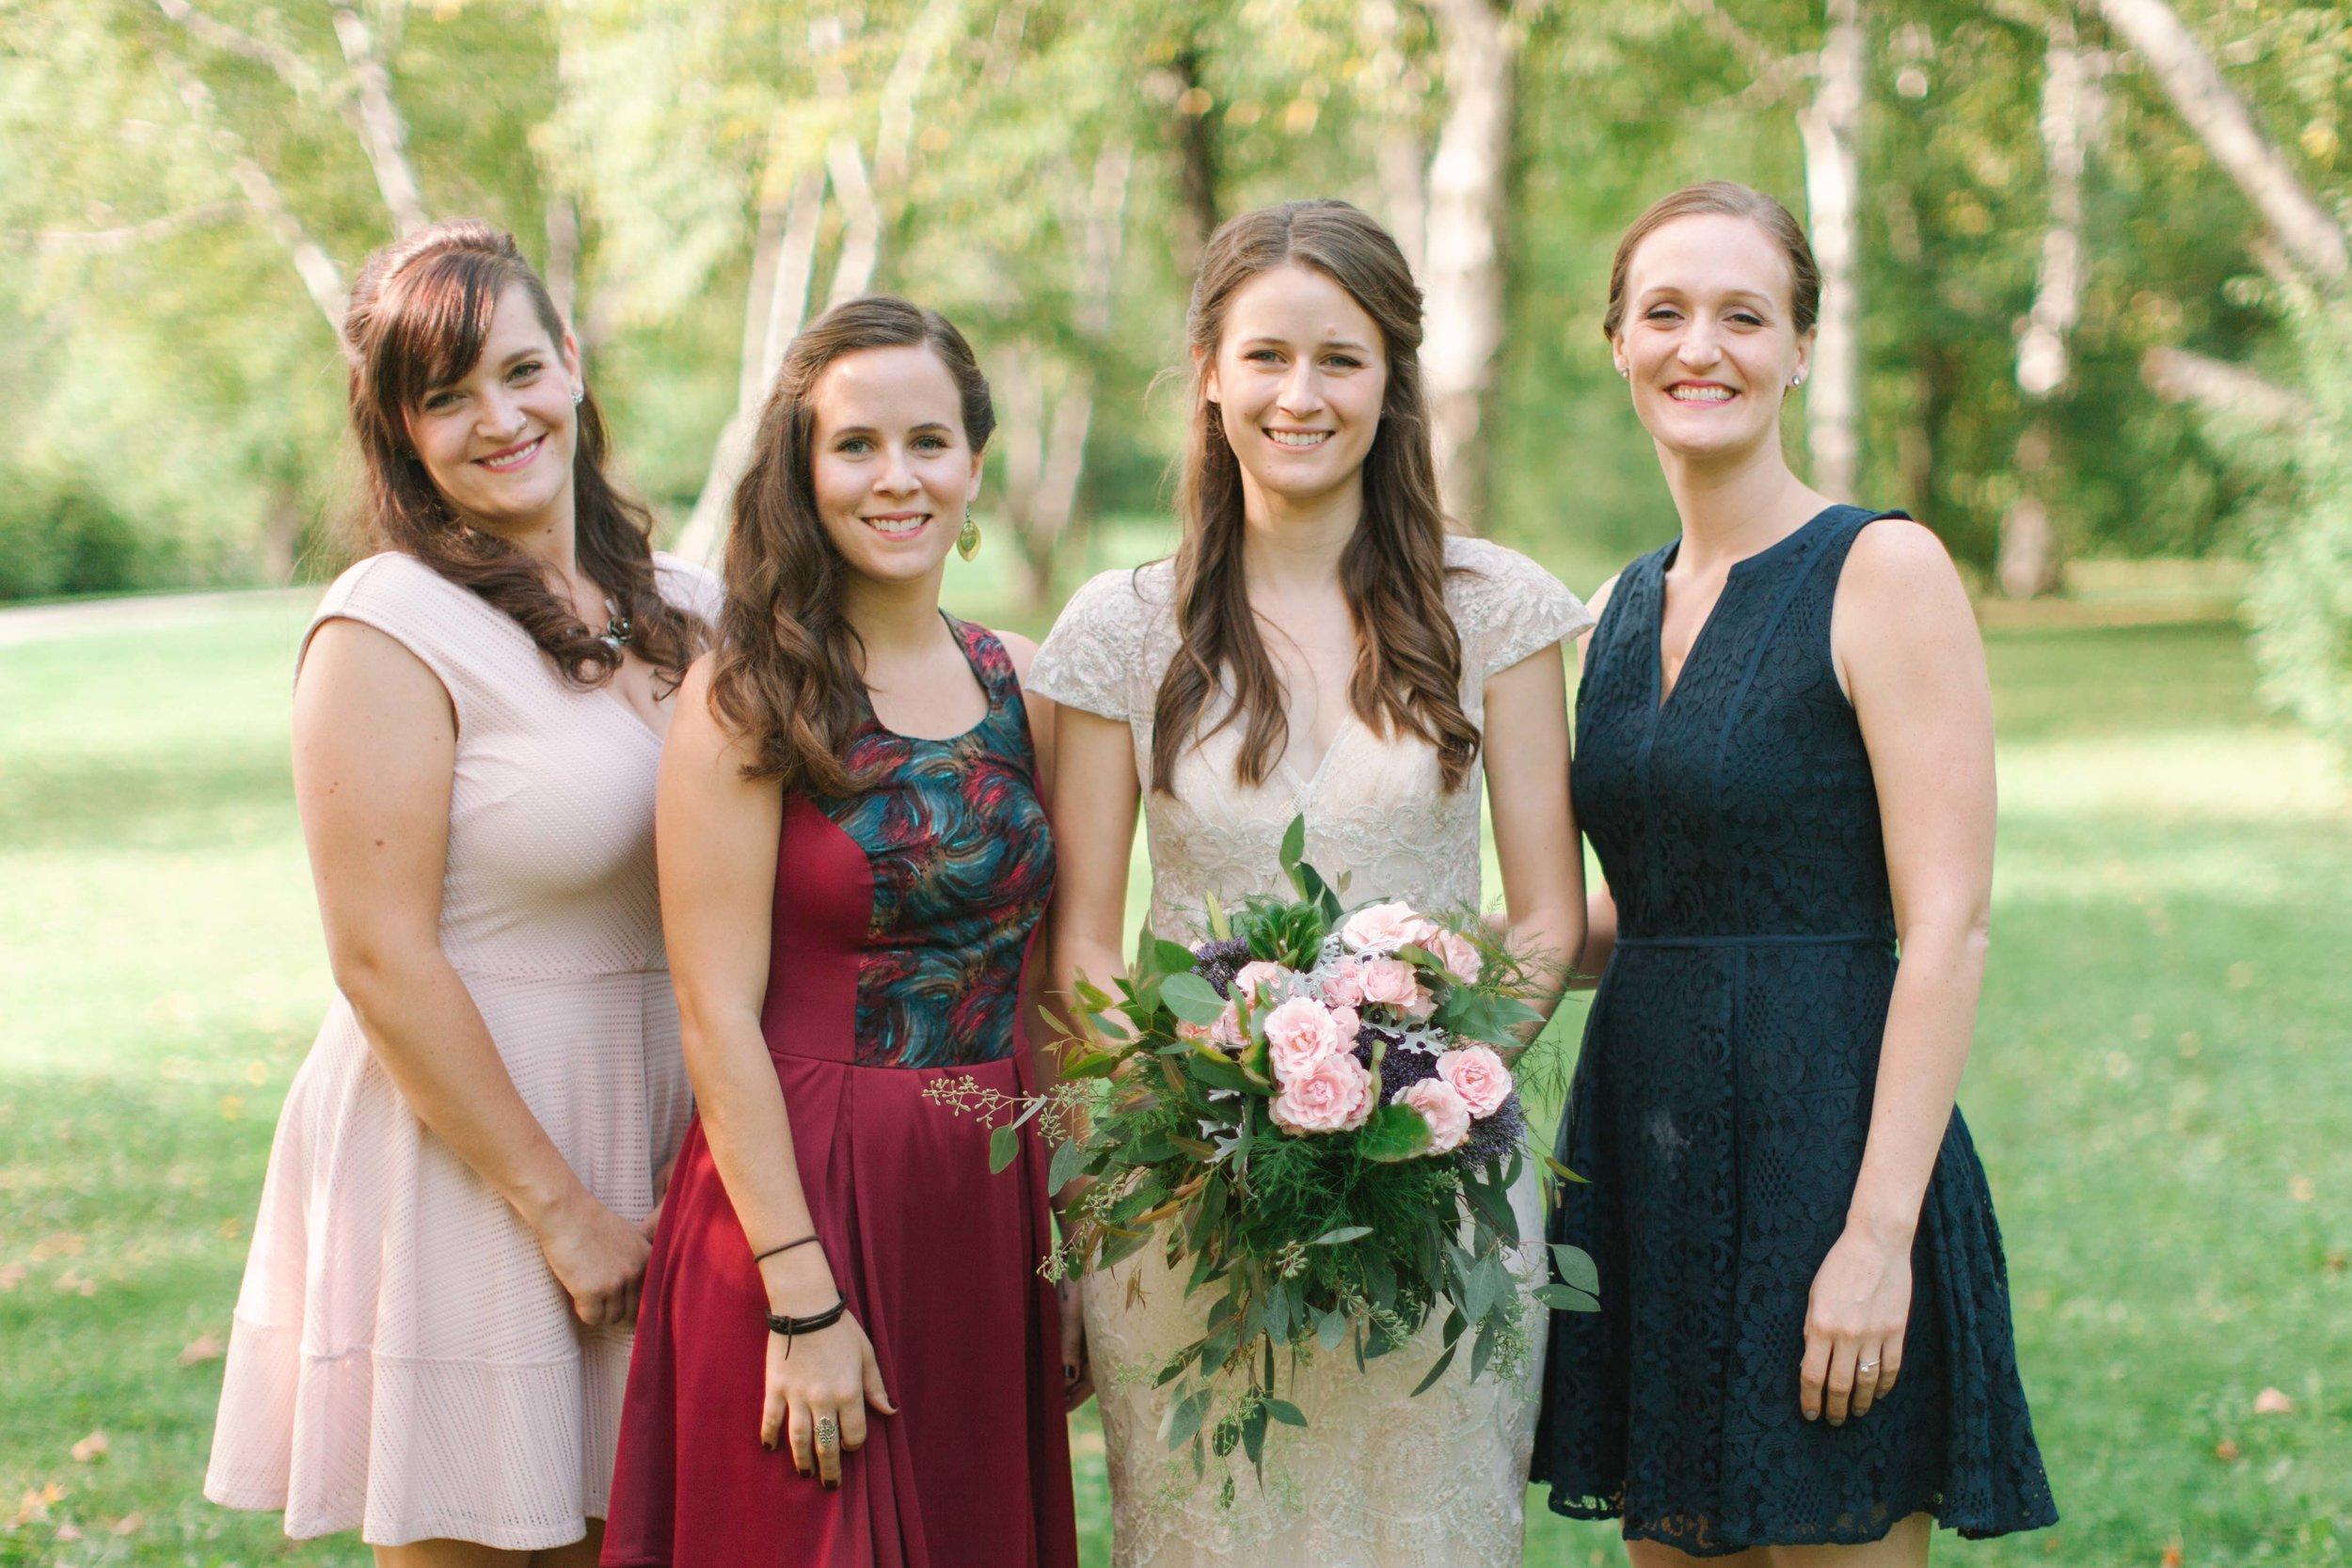 kateweinsteinphoto_clairewillie_wedding-293.jpg